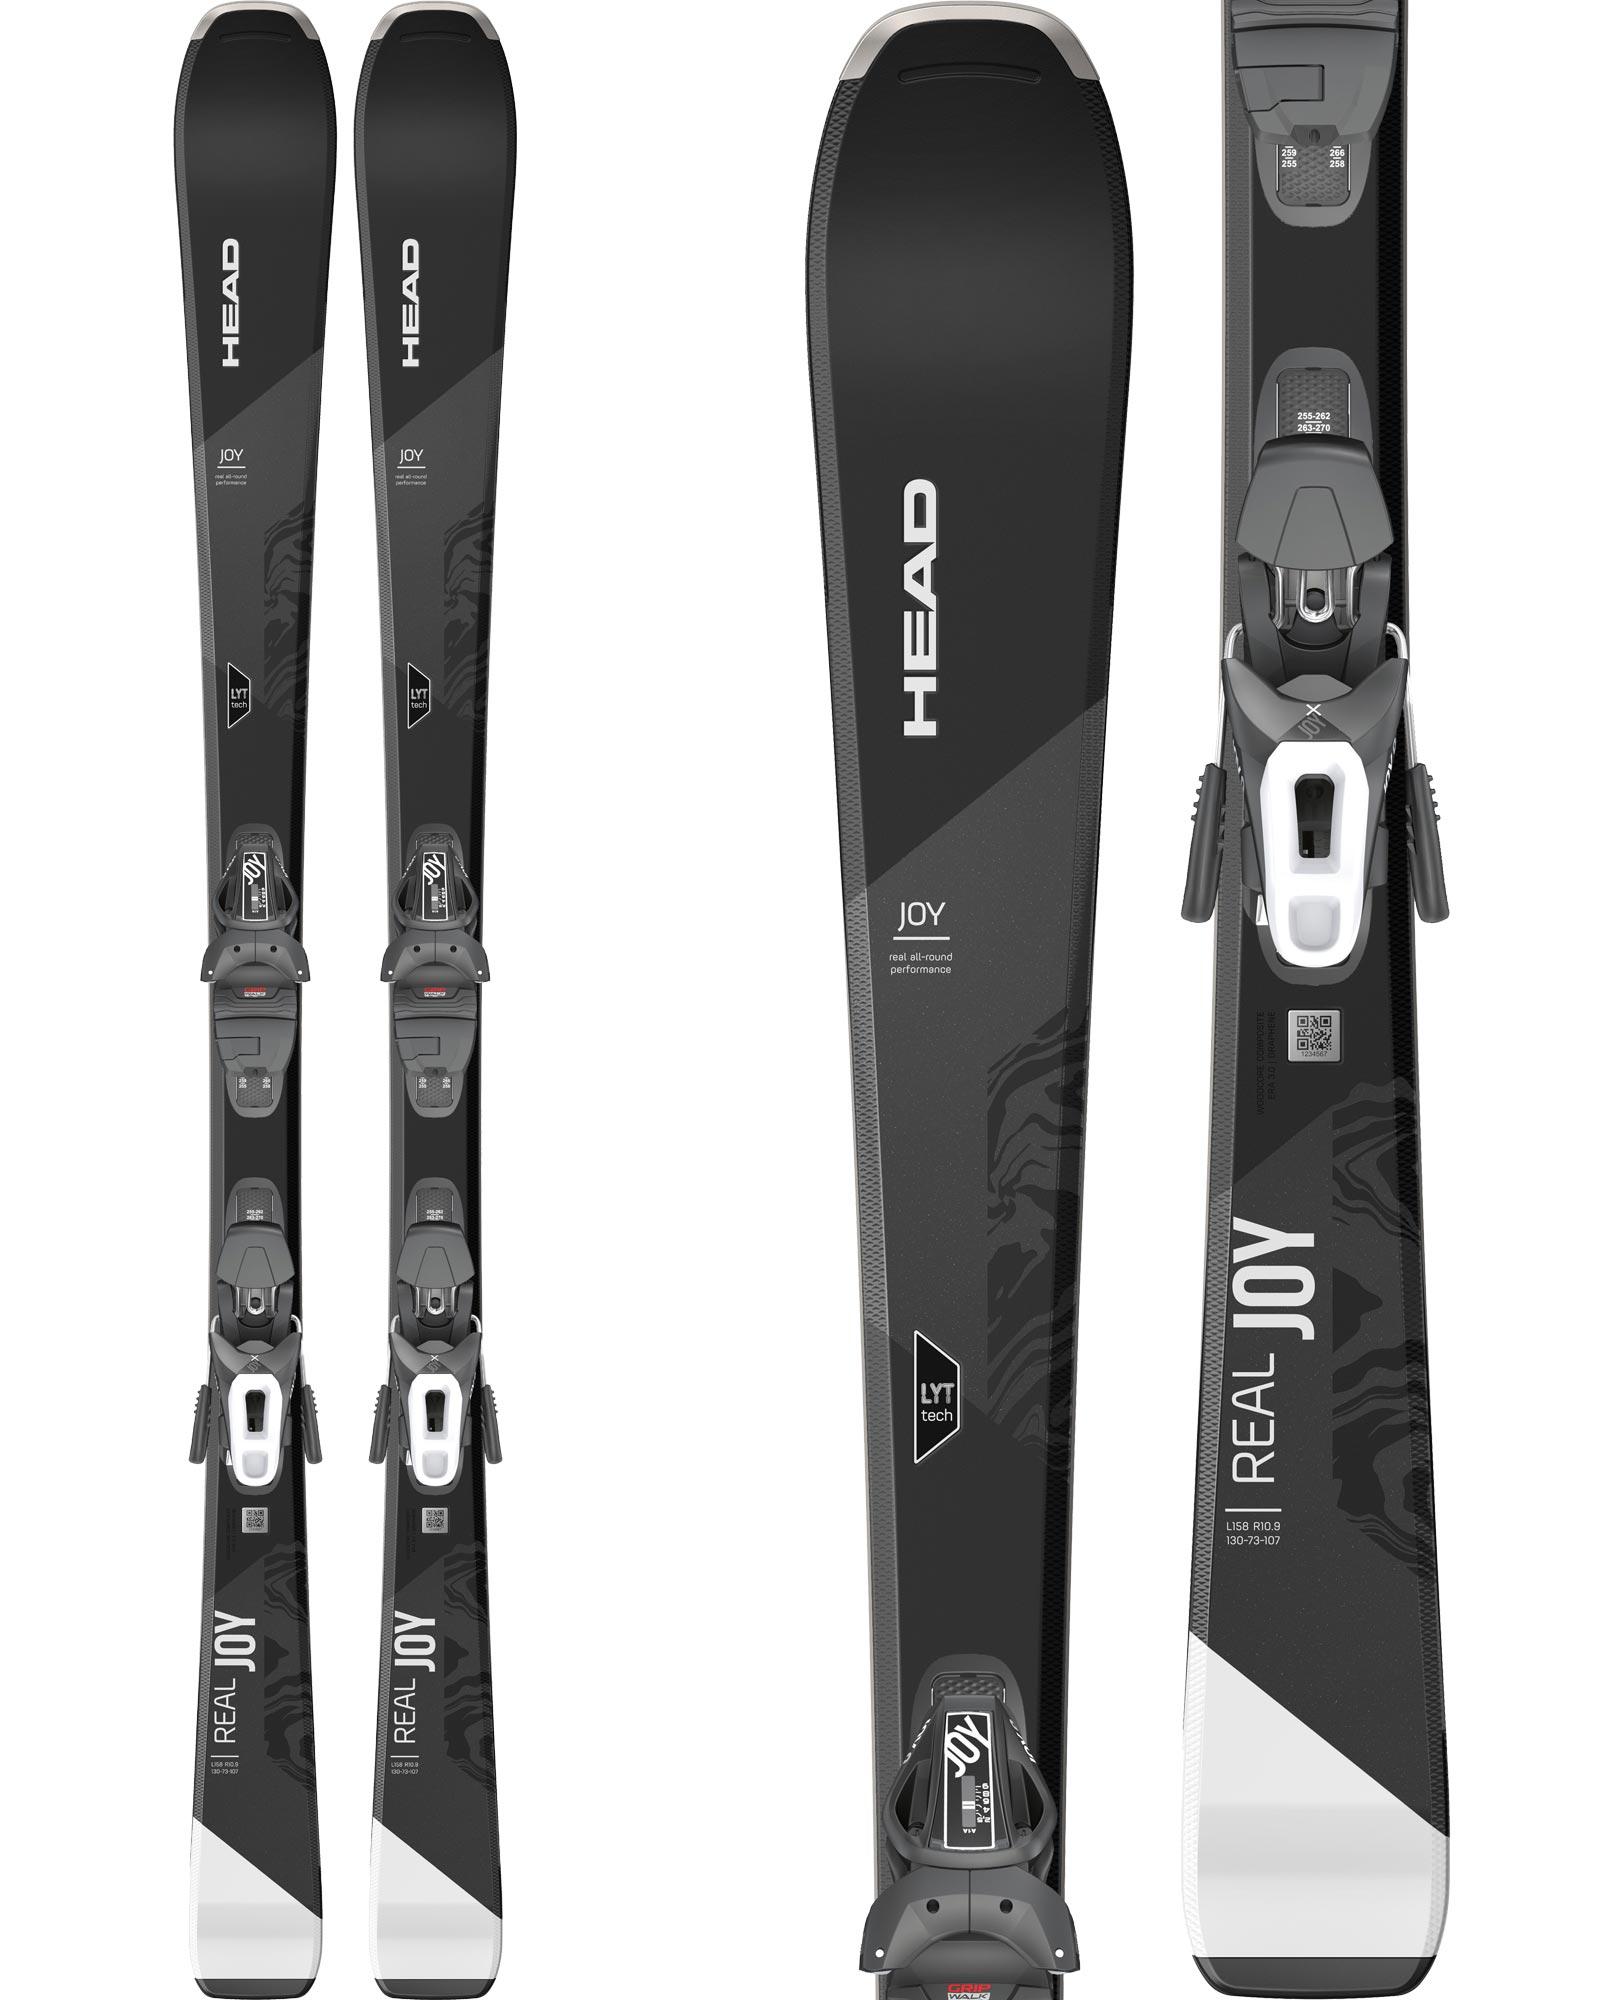 Head Women's Real Joy Piste Skis + Joy 9 GW SLR Brake 85 Bindings 2020 / 2021 0